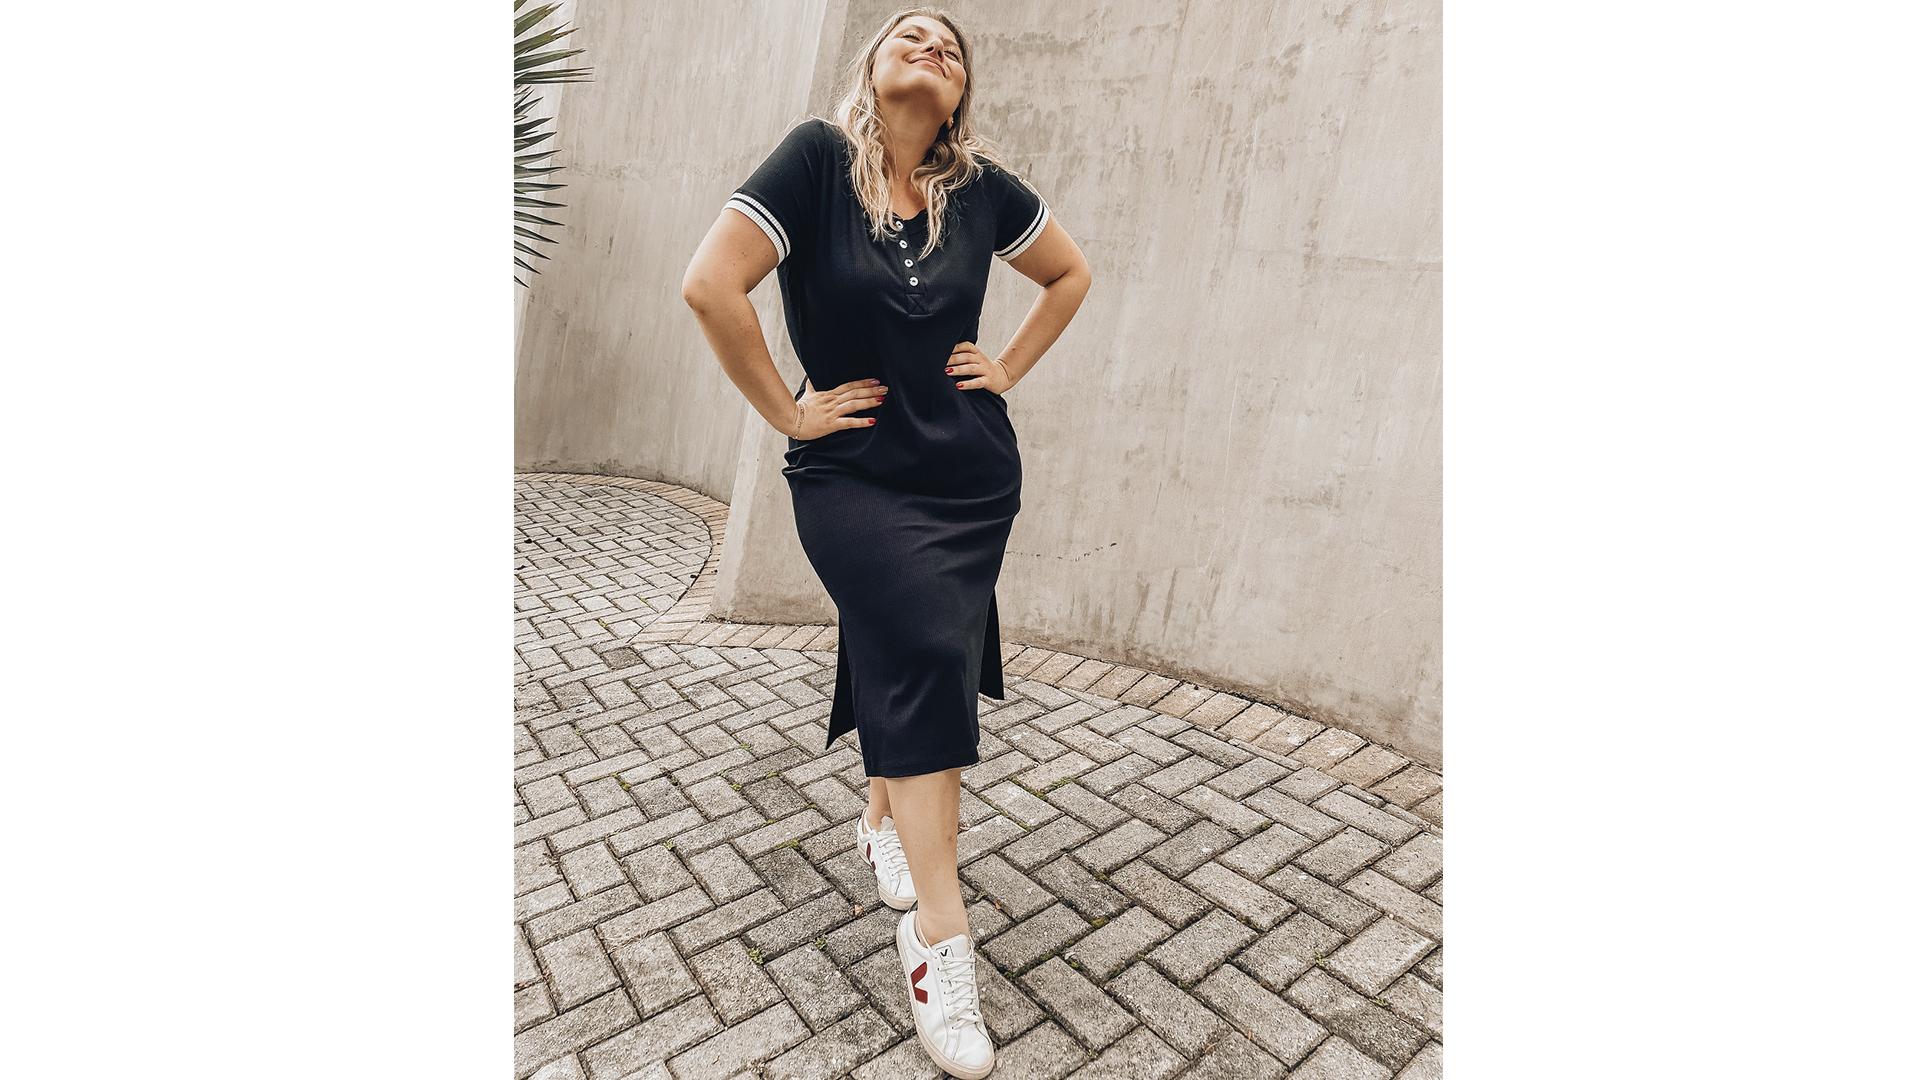 Todas as mulheres podem e devem ter um vestido tubinho no armário. Esqueça o preto e invista nas cores, como o azul marinho.